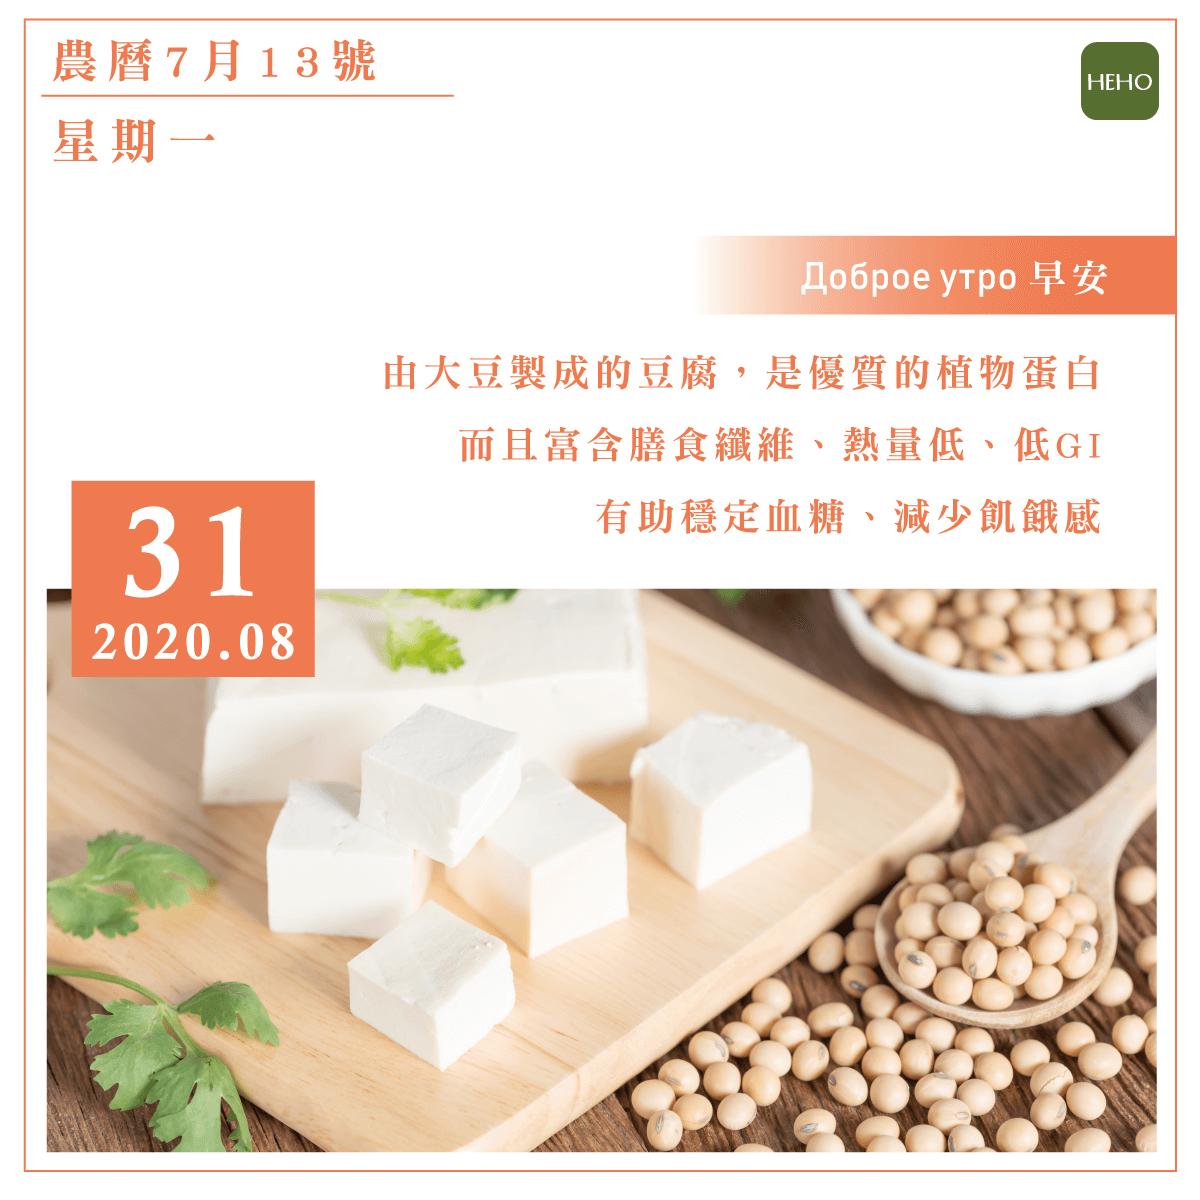 8月31日 豆腐的好處 - Yahoo奇摩新聞